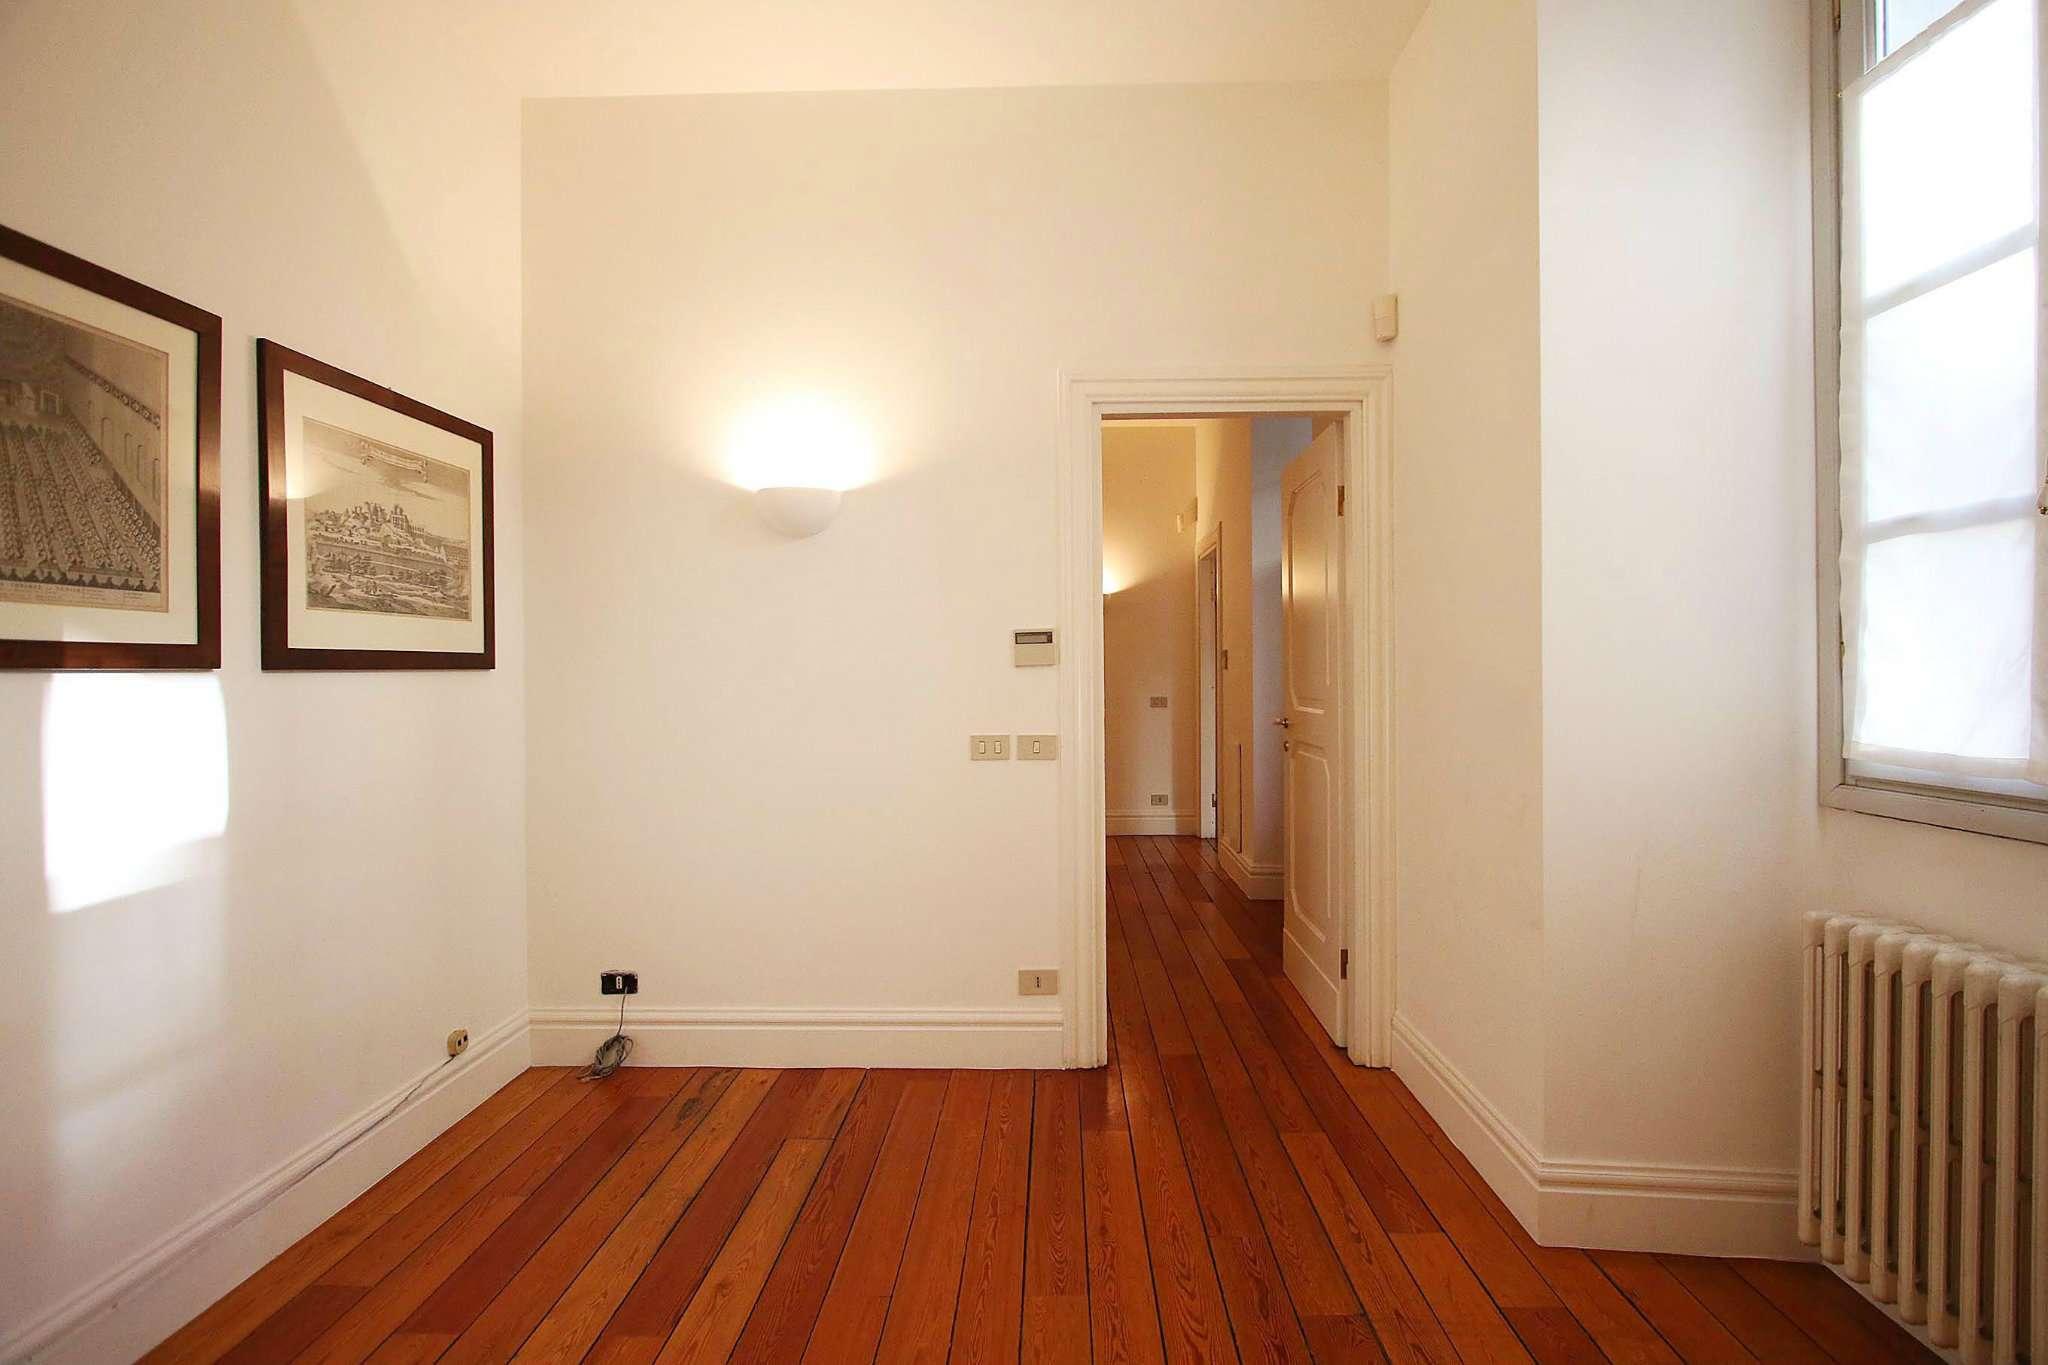 Appartamento in Vendita a Milano: 4 locali, 140 mq - Foto 5